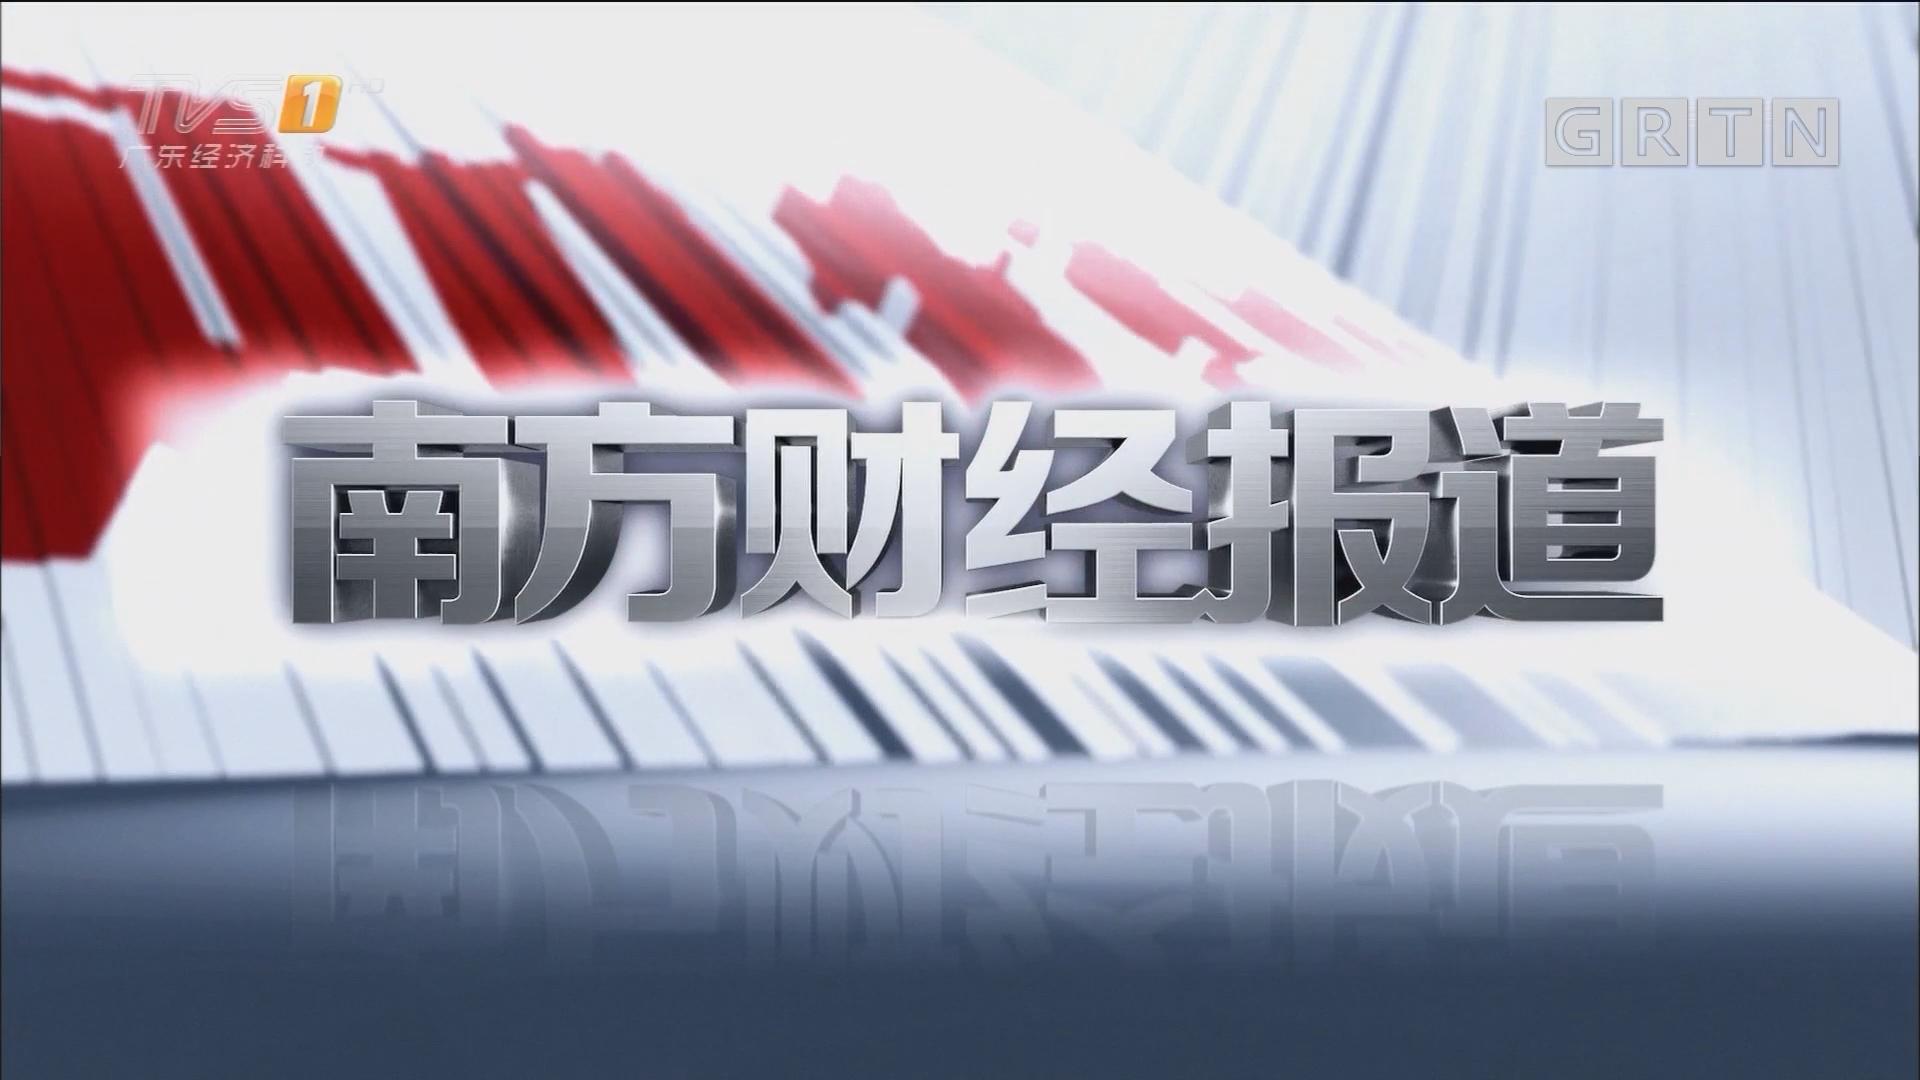 [HD][2018-02-27]南方财经报道:为新时代中国特色社会主义提供坚实的宪法保障——广大干部群众坚决拥护中共中央关于修改宪法部分内容的建议